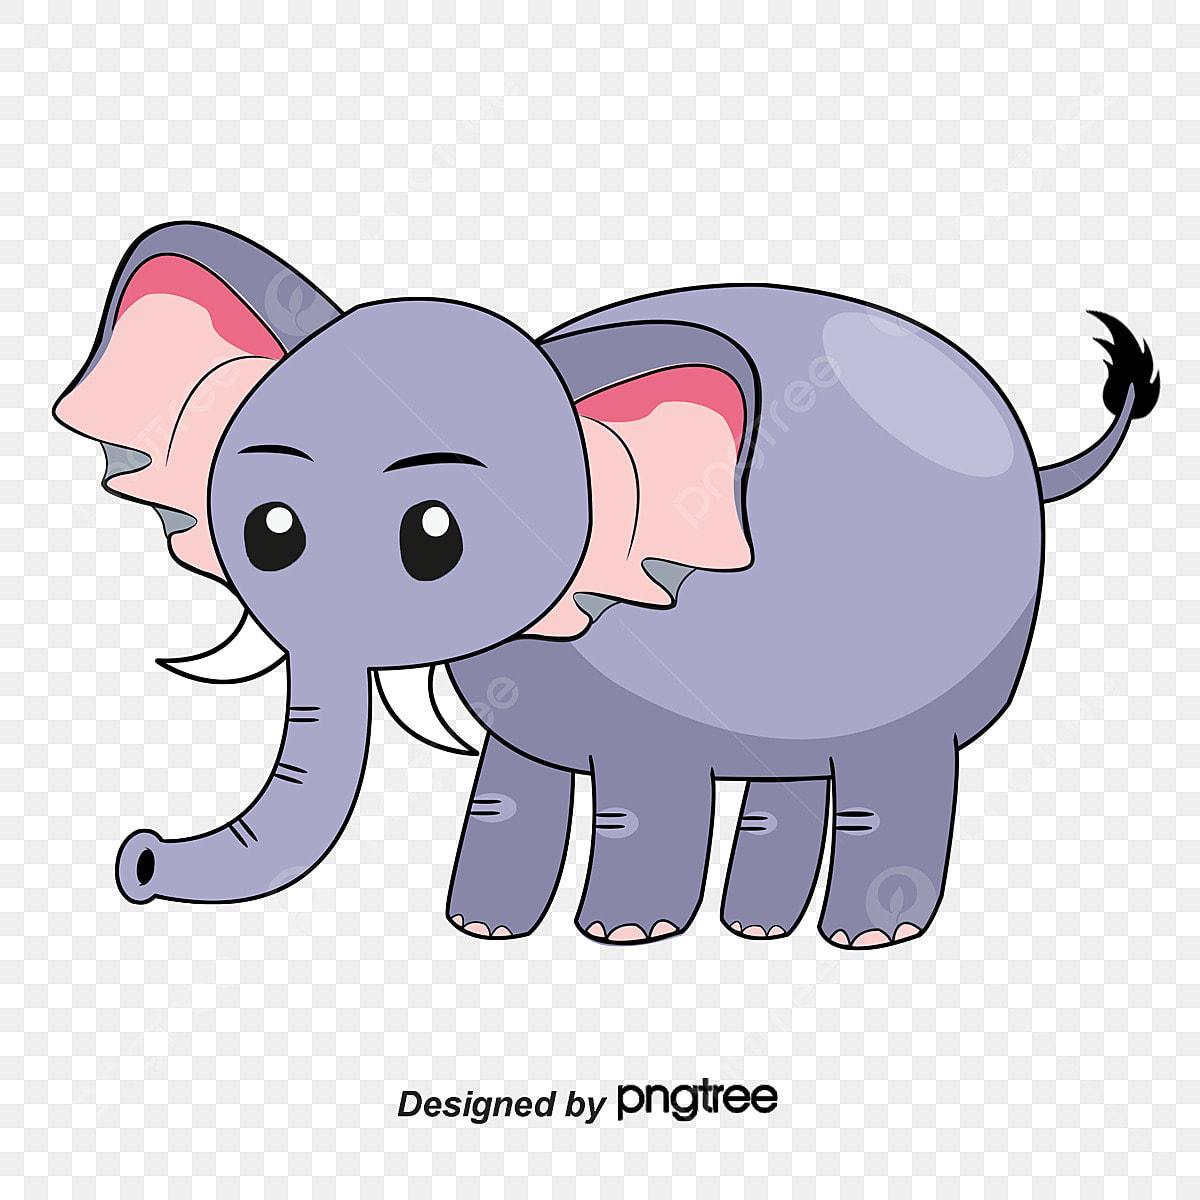 Desenho De Elefante Fofo Nariz Pintado A Mao Animal Dos Desenhos